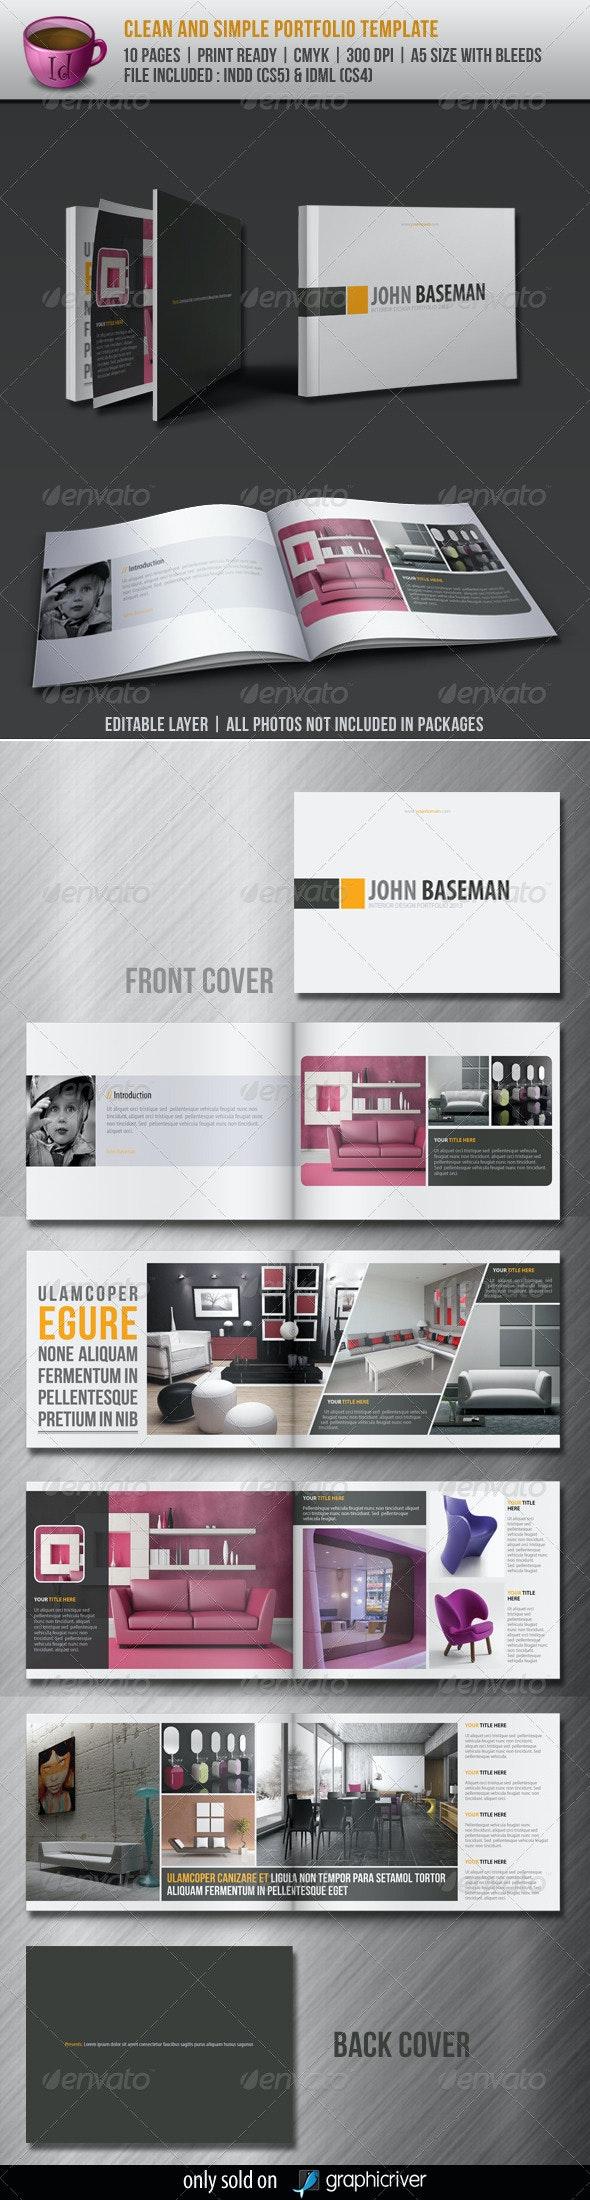 Clean And Simple Portfolio Template - Portfolio Brochures